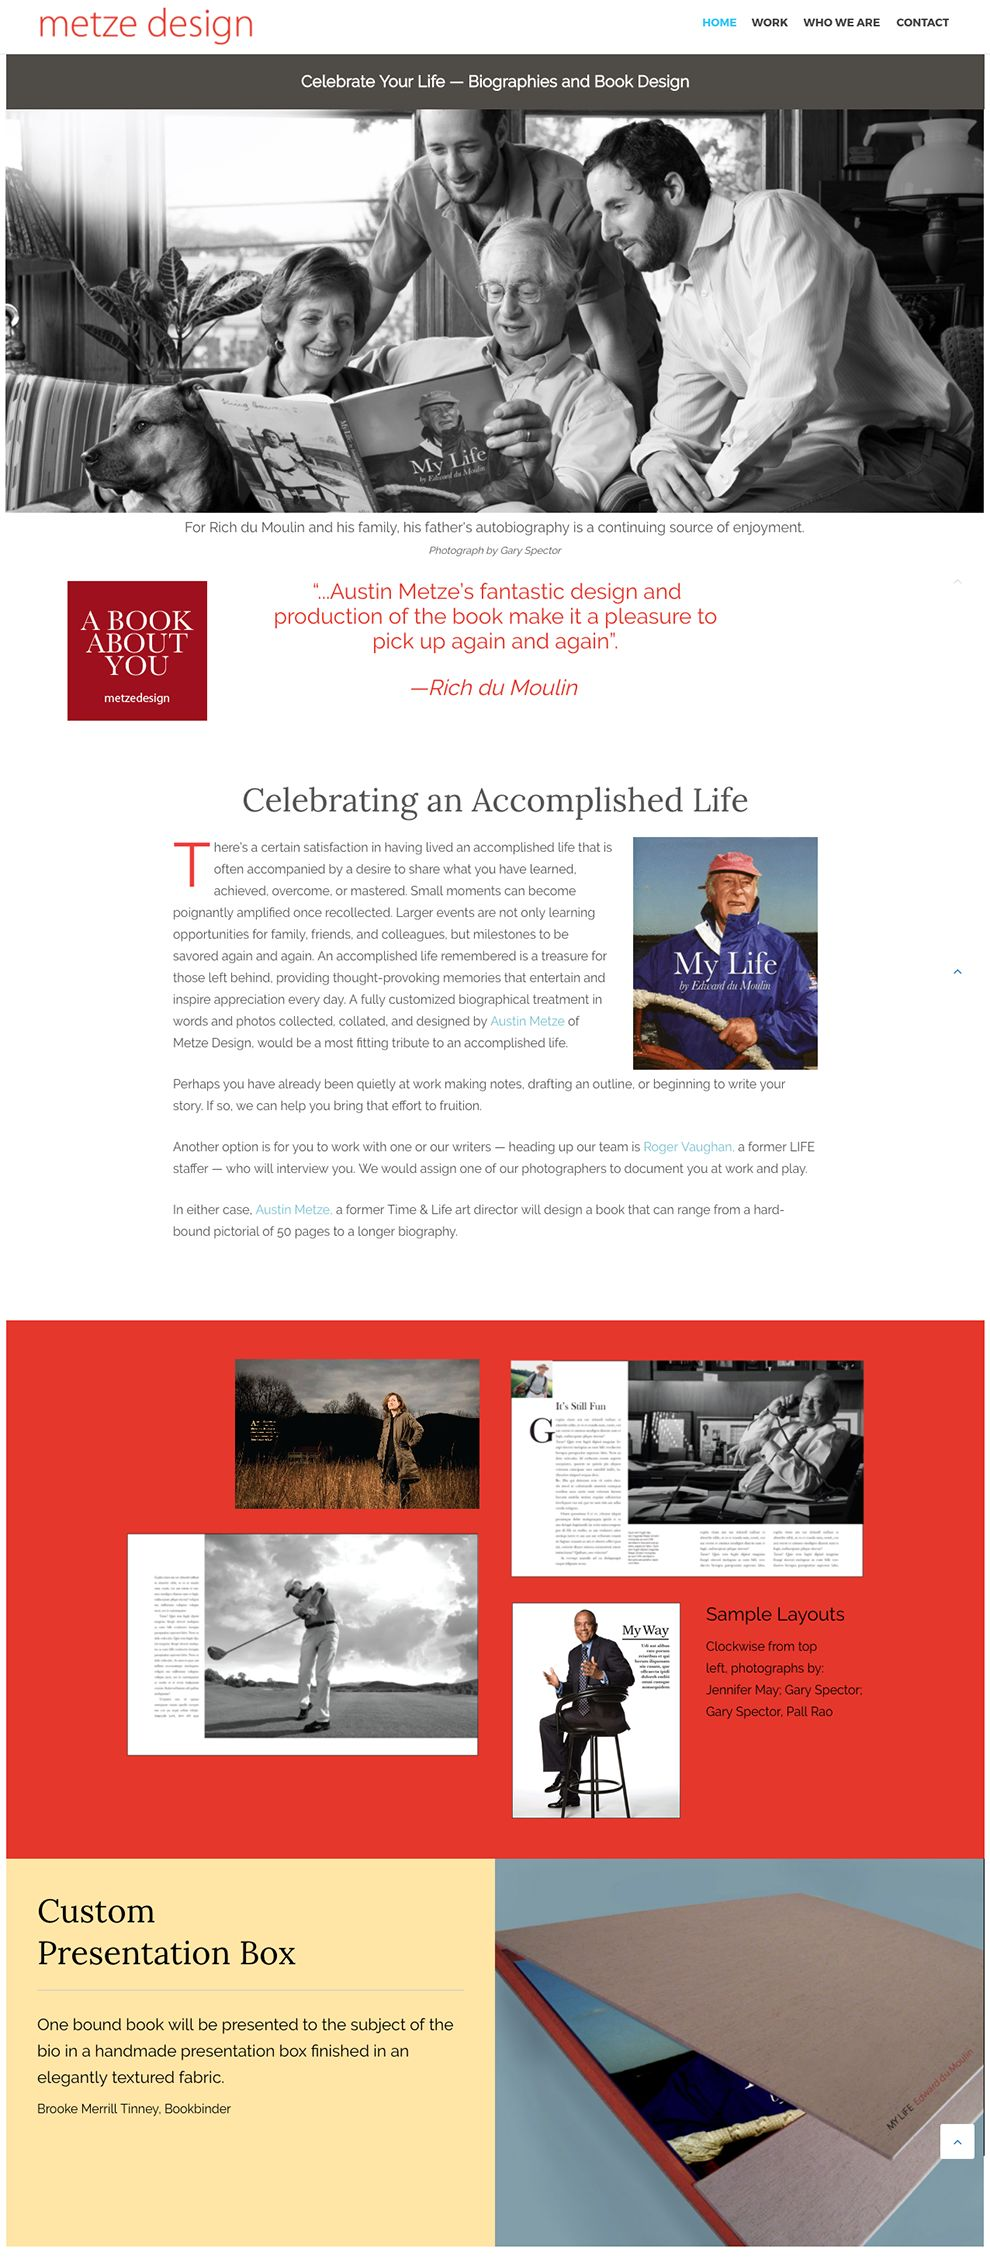 Metze Design Top Homepage